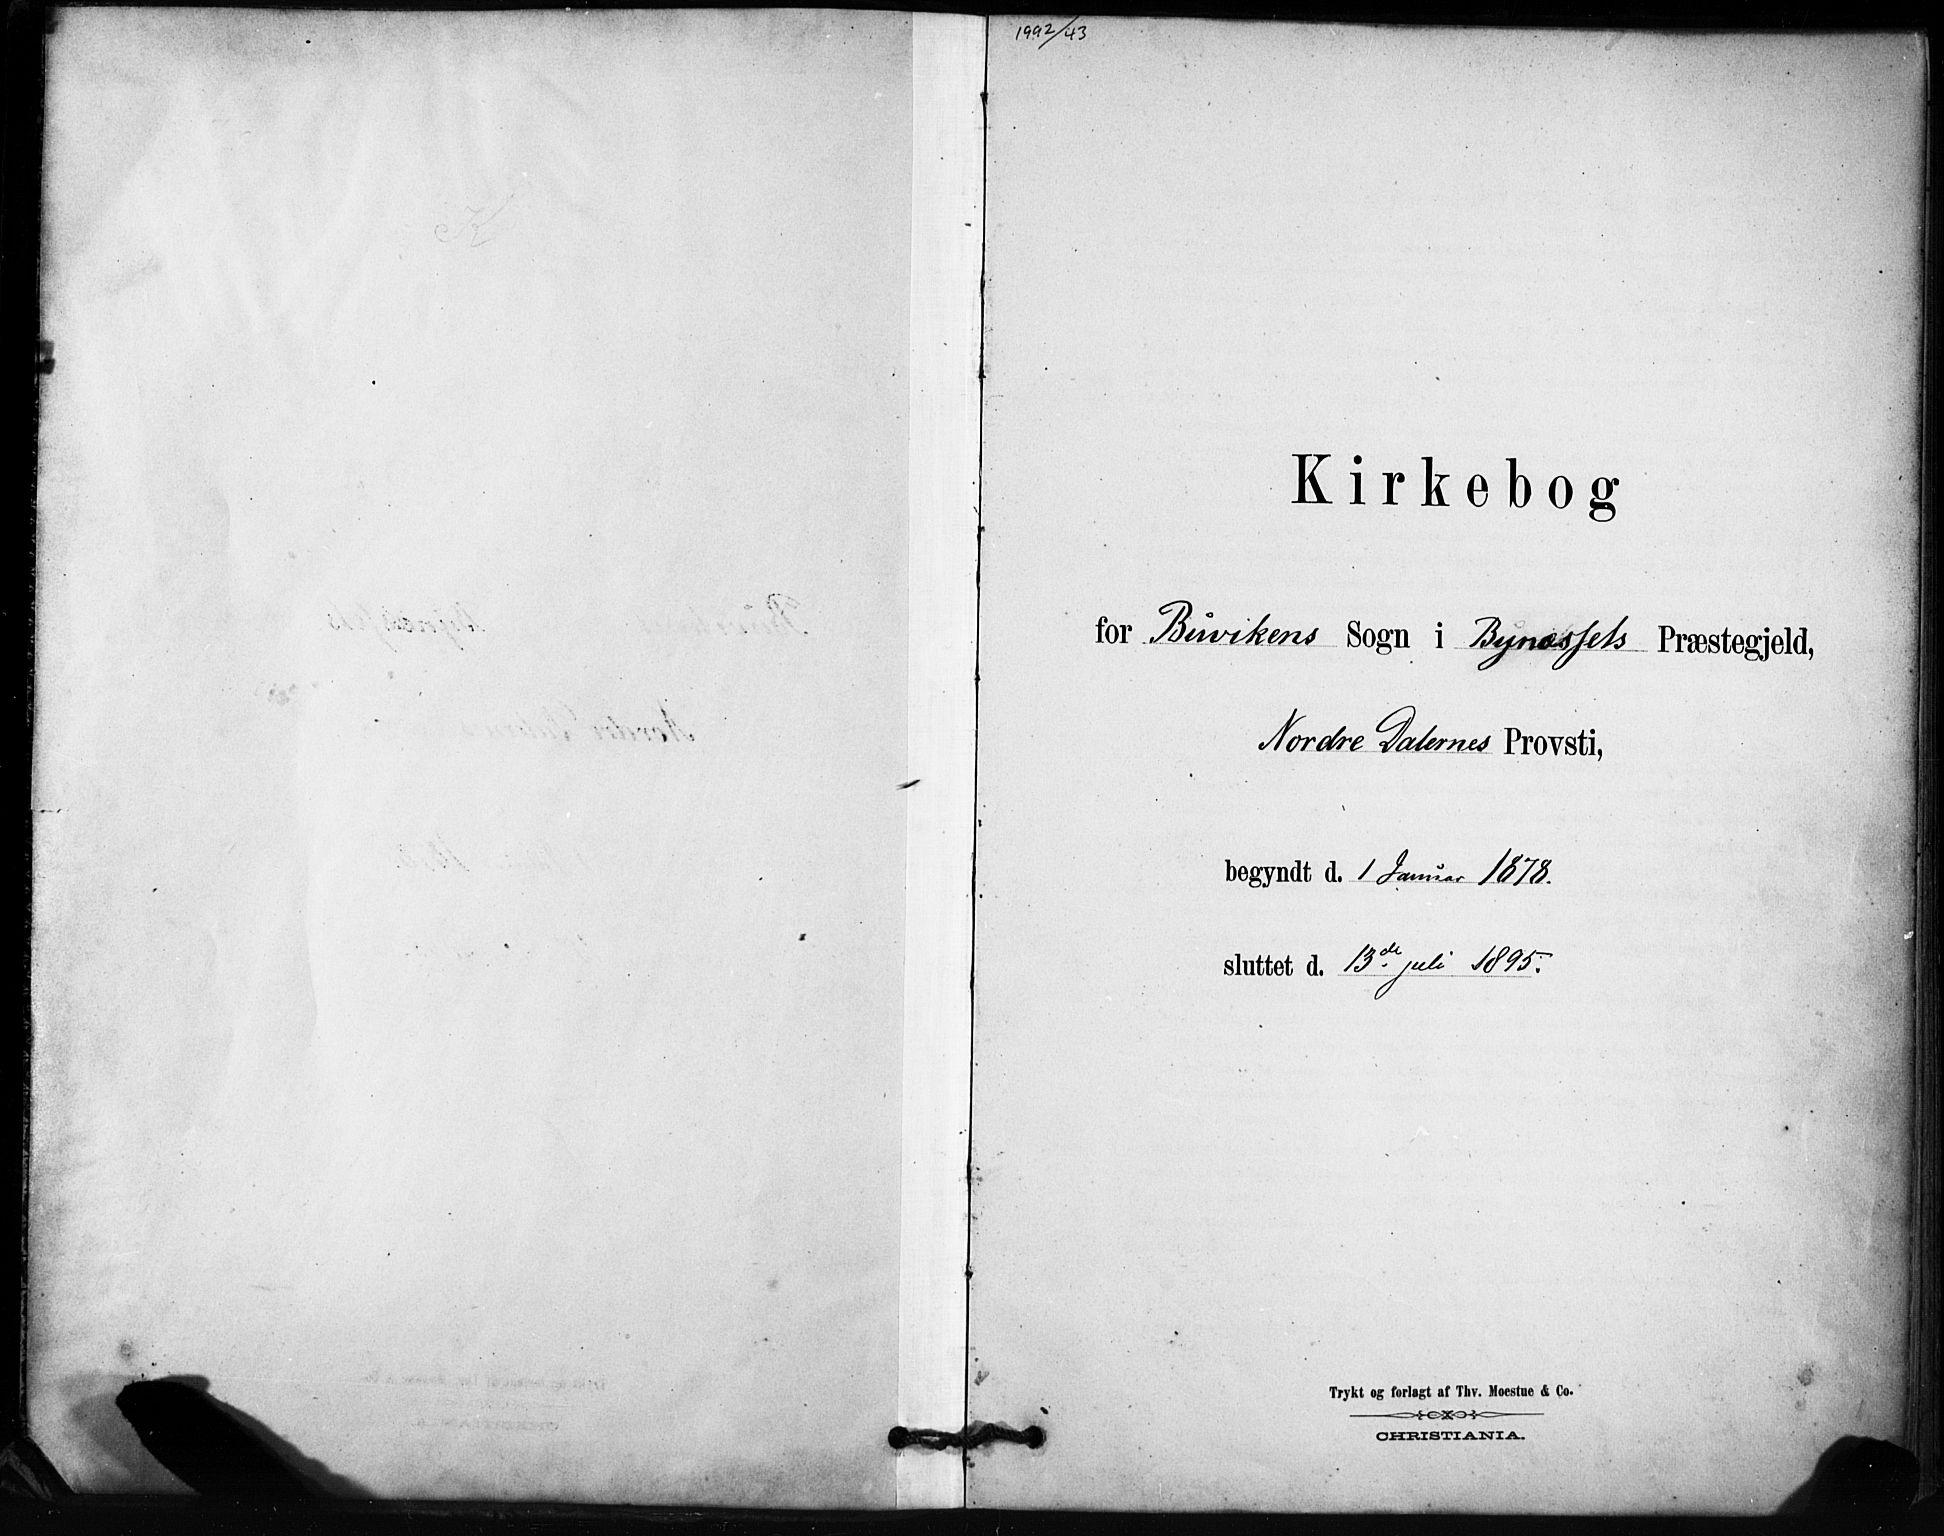 SAT, Ministerialprotokoller, klokkerbøker og fødselsregistre - Sør-Trøndelag, 666/L0786: Ministerialbok nr. 666A04, 1878-1895